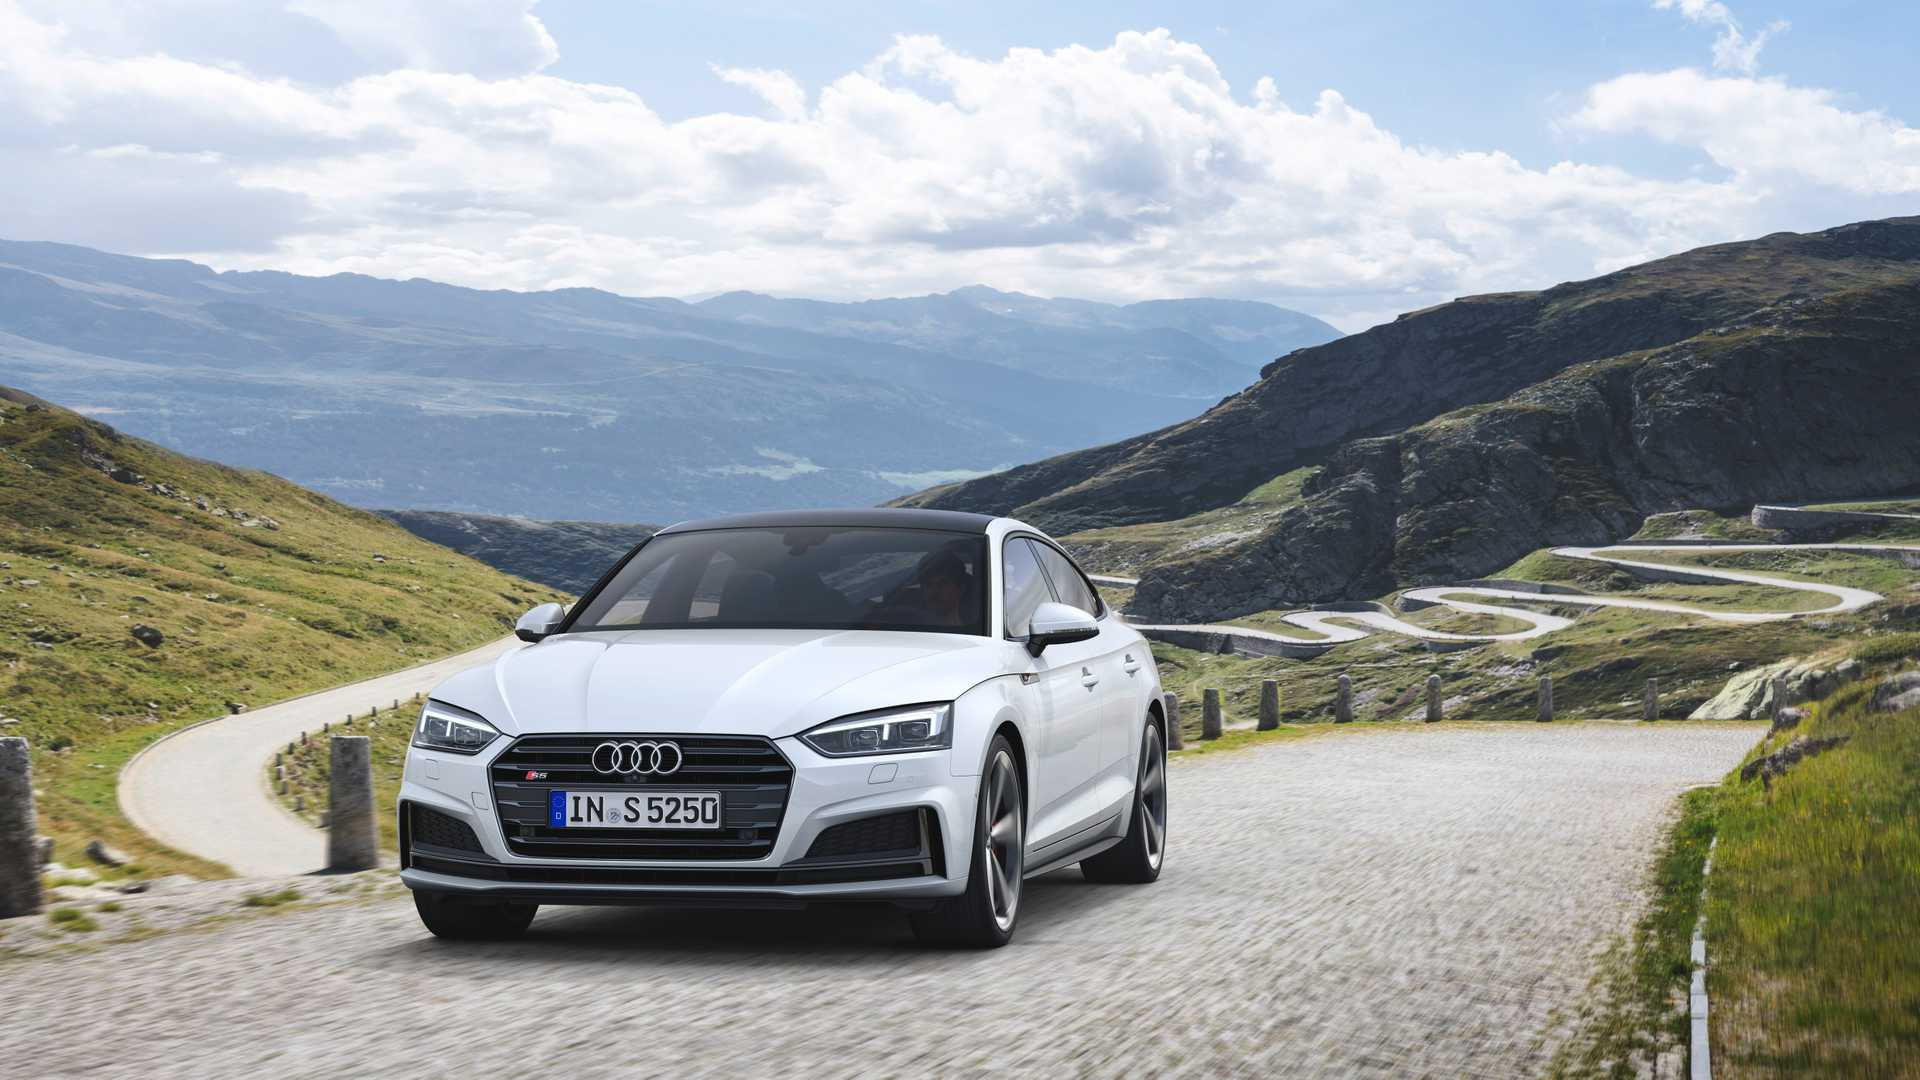 Audi S5 получила дизельный V6 для европейского рынка